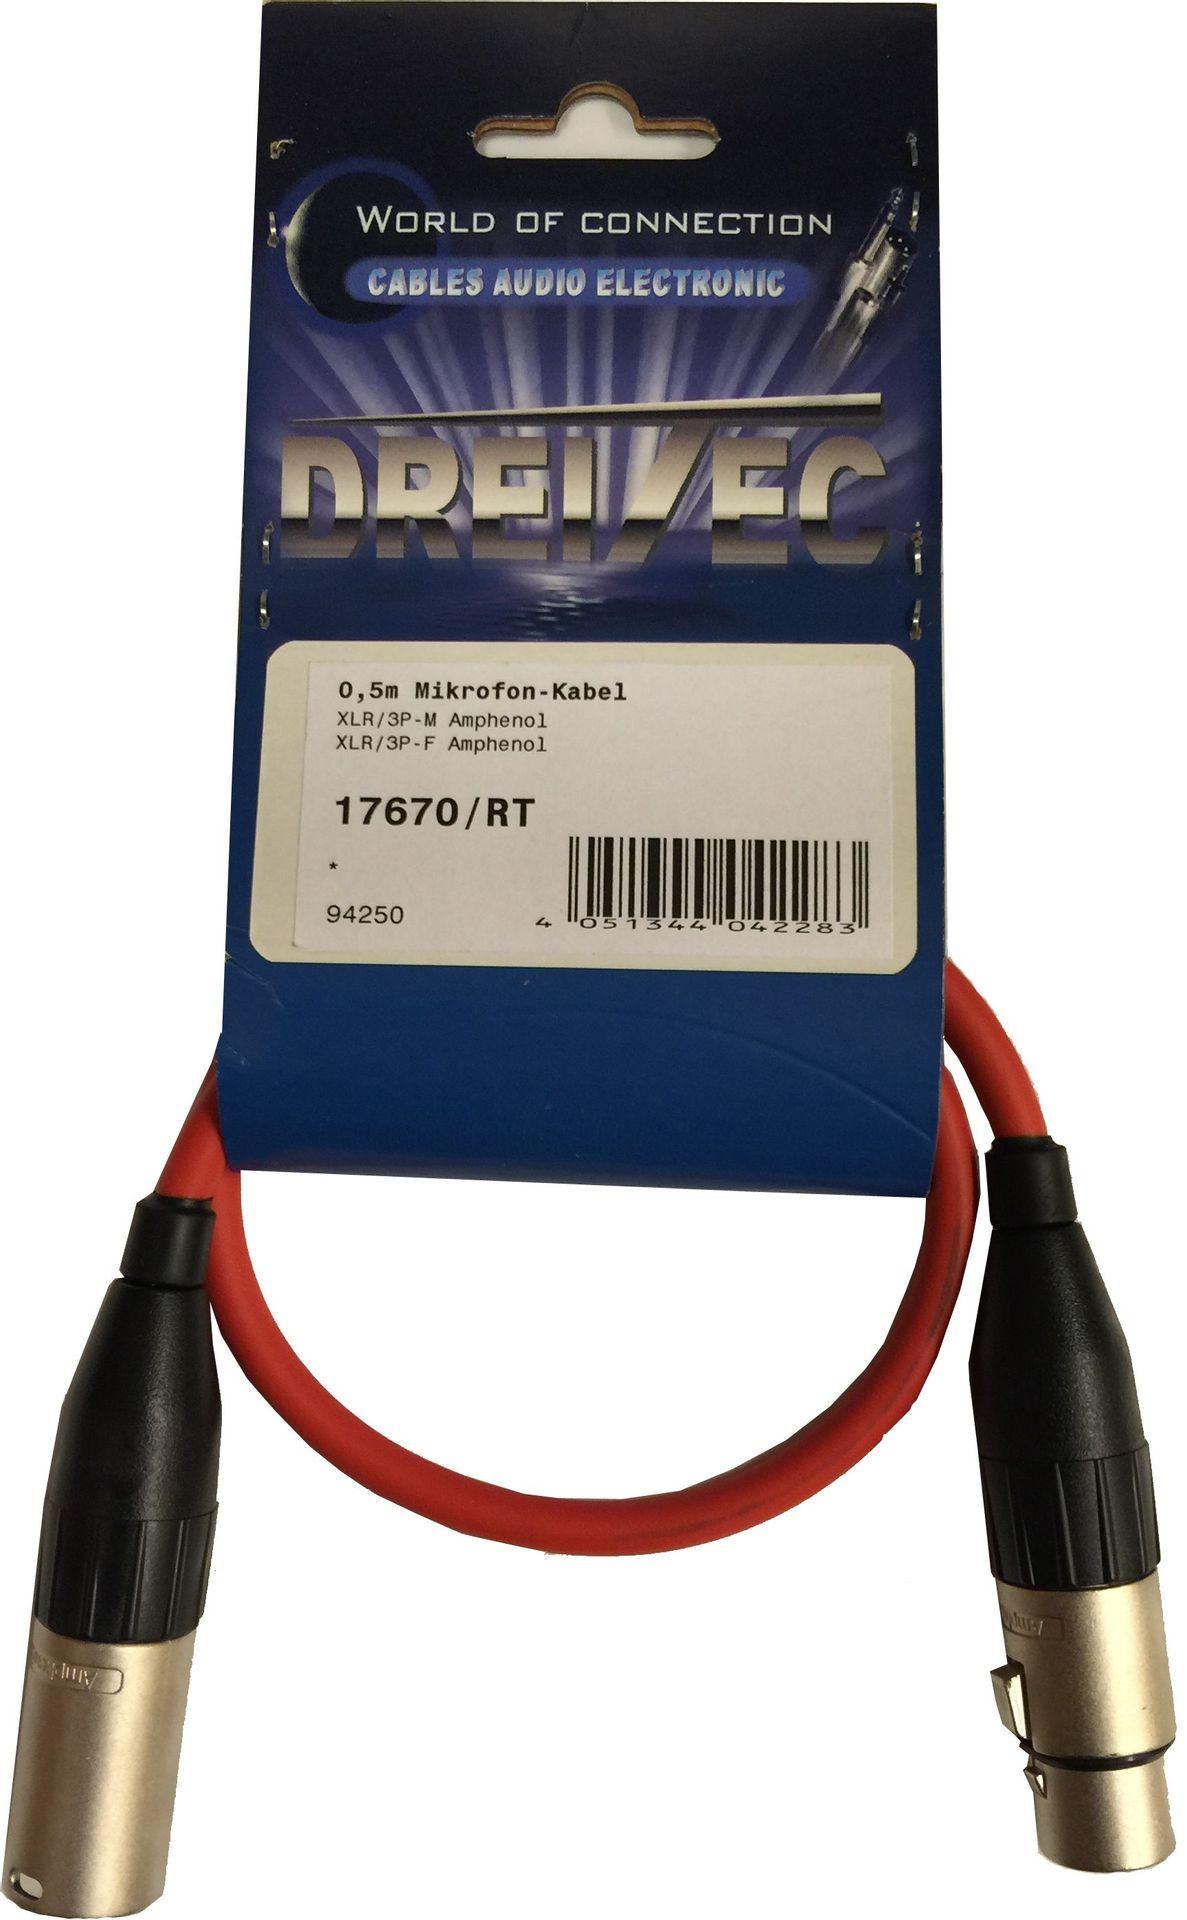 Mikrofonkabel Alcatel XLR male/female, 0,5 Meter, rot